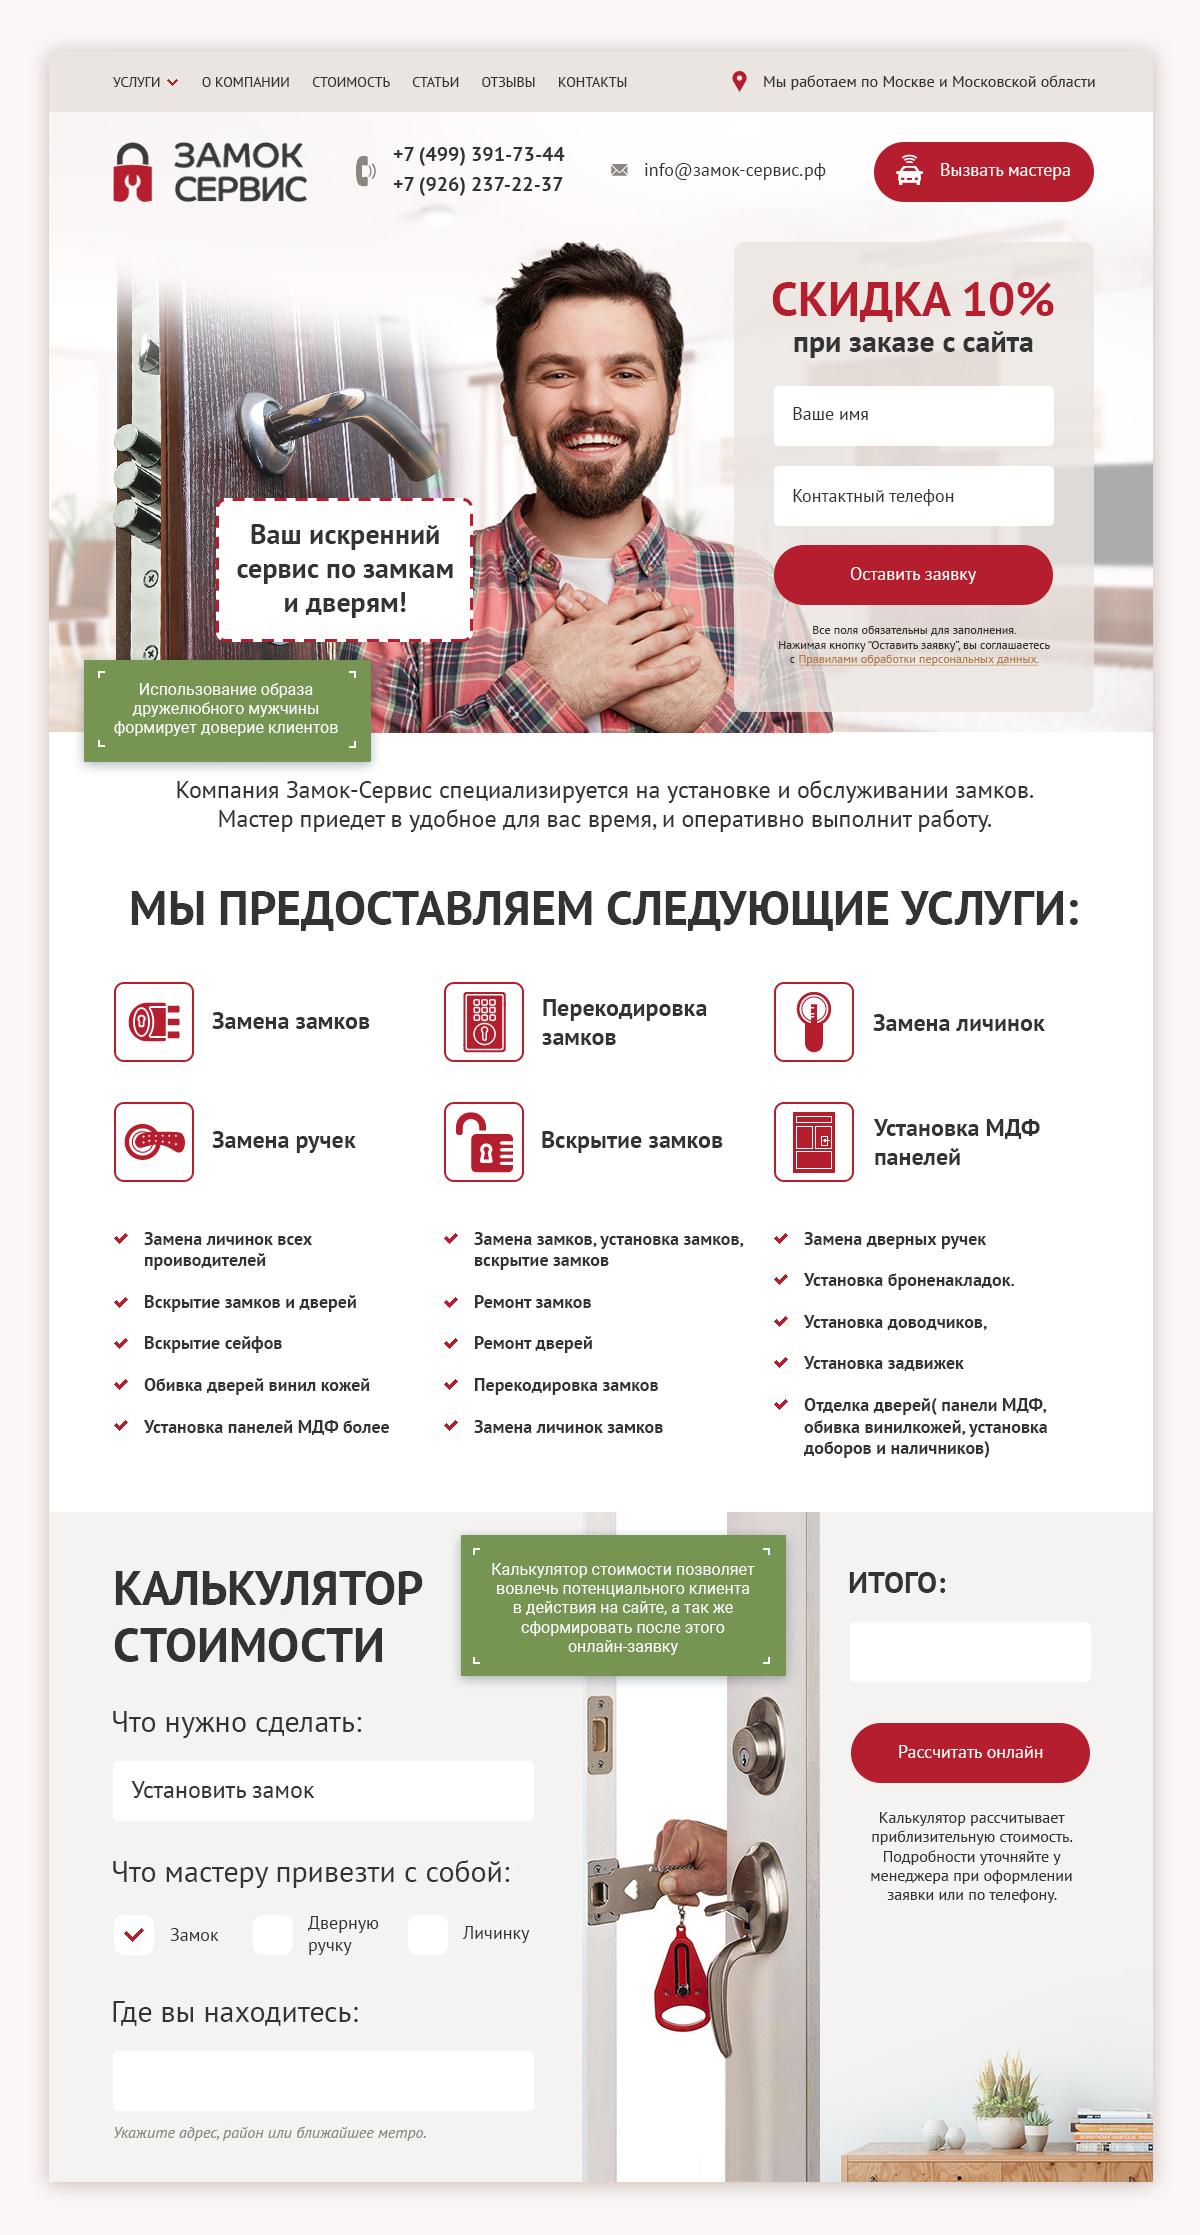 Дизайн главной страницы сайта Замок Сервис